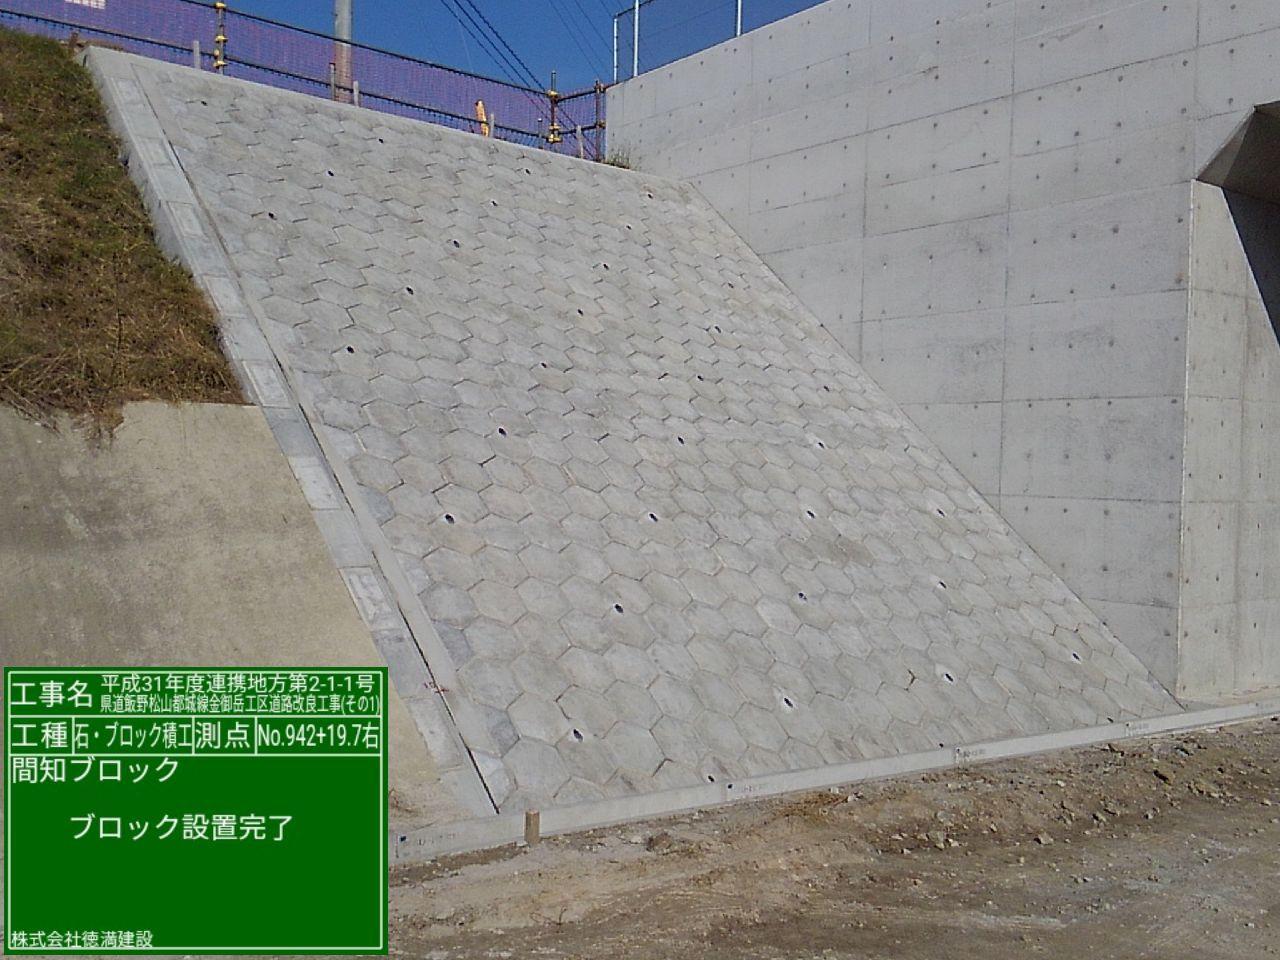 平成31年度 連携地方 第2-1-1号 県道飯野松山都城線 金御岳工区 道路改良工事